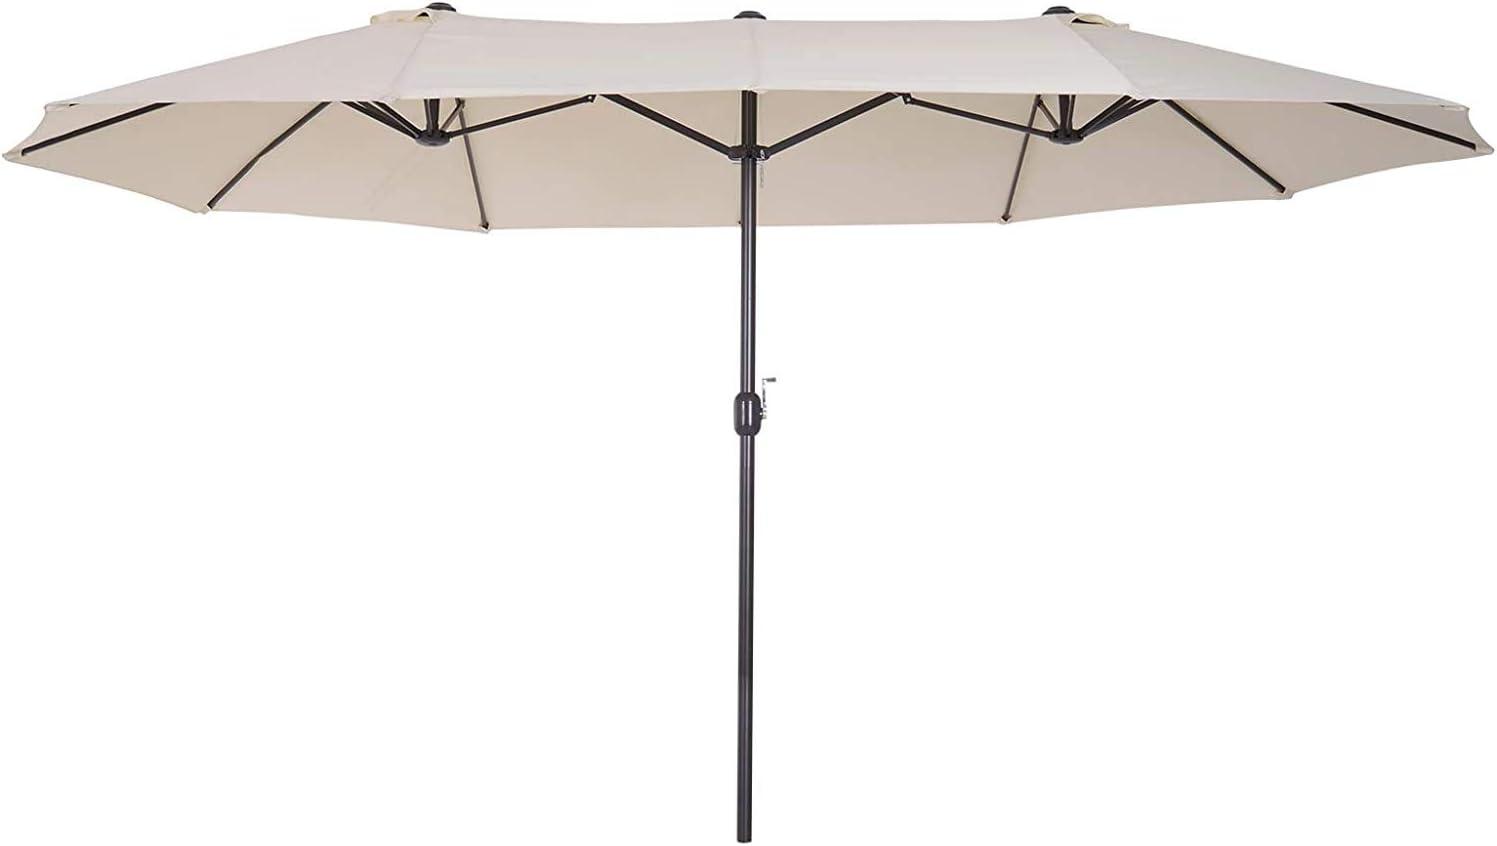 Angel Living Sombrilla Parasol Doble para Jardín, Parasol de Tela de Poliéster, Sombrilla Gigante para Playa Terrasa Patio, Protección al Solar UV, 4.6x2.7x2.4 m (Crema)